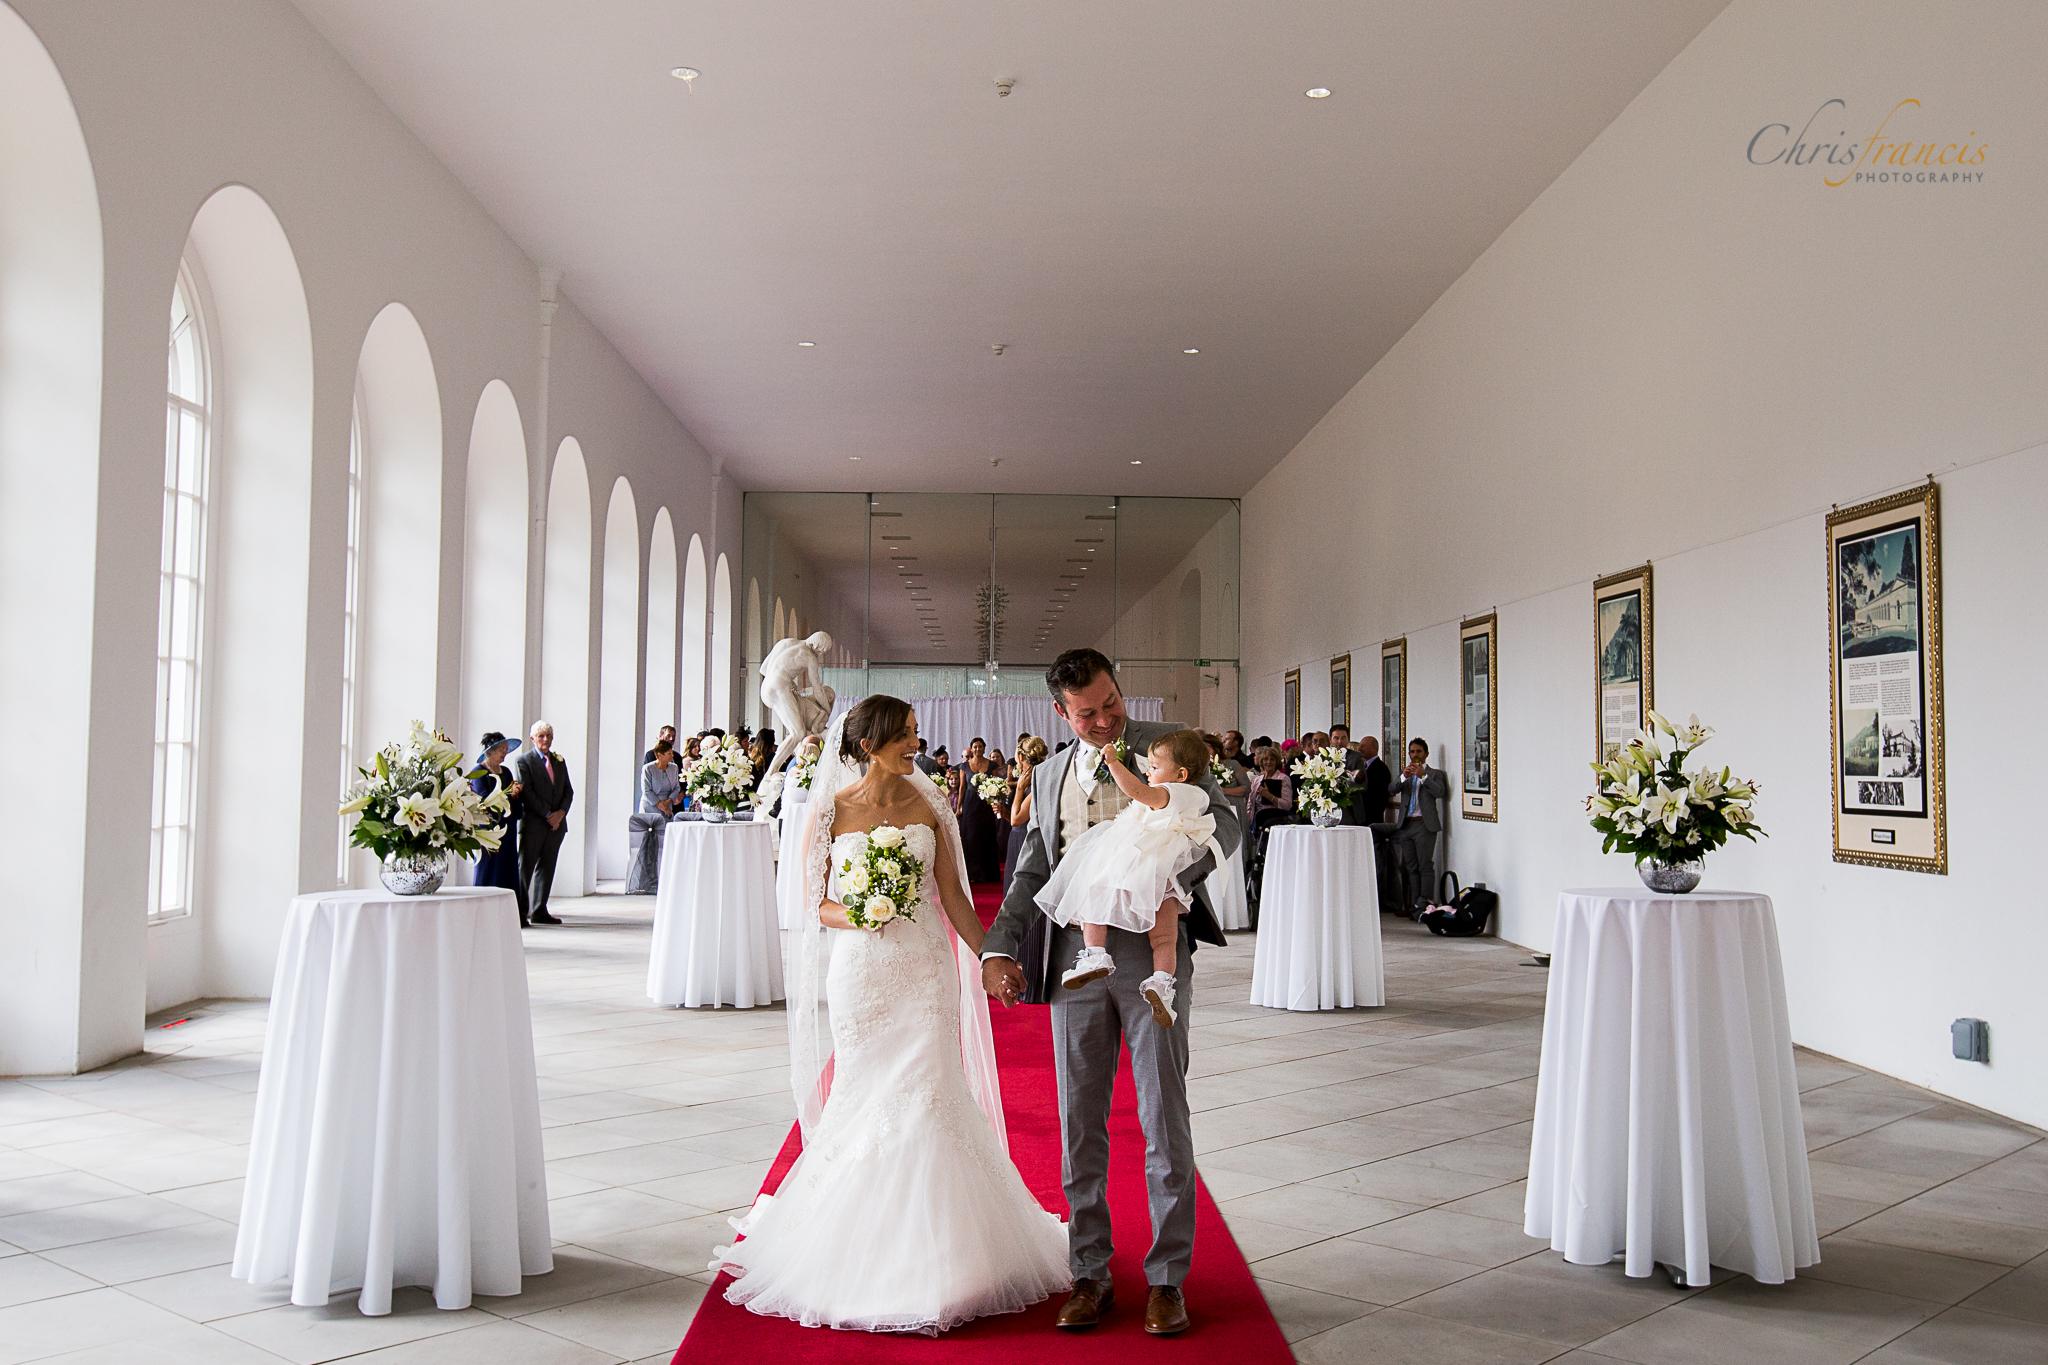 Margam wedding photographer